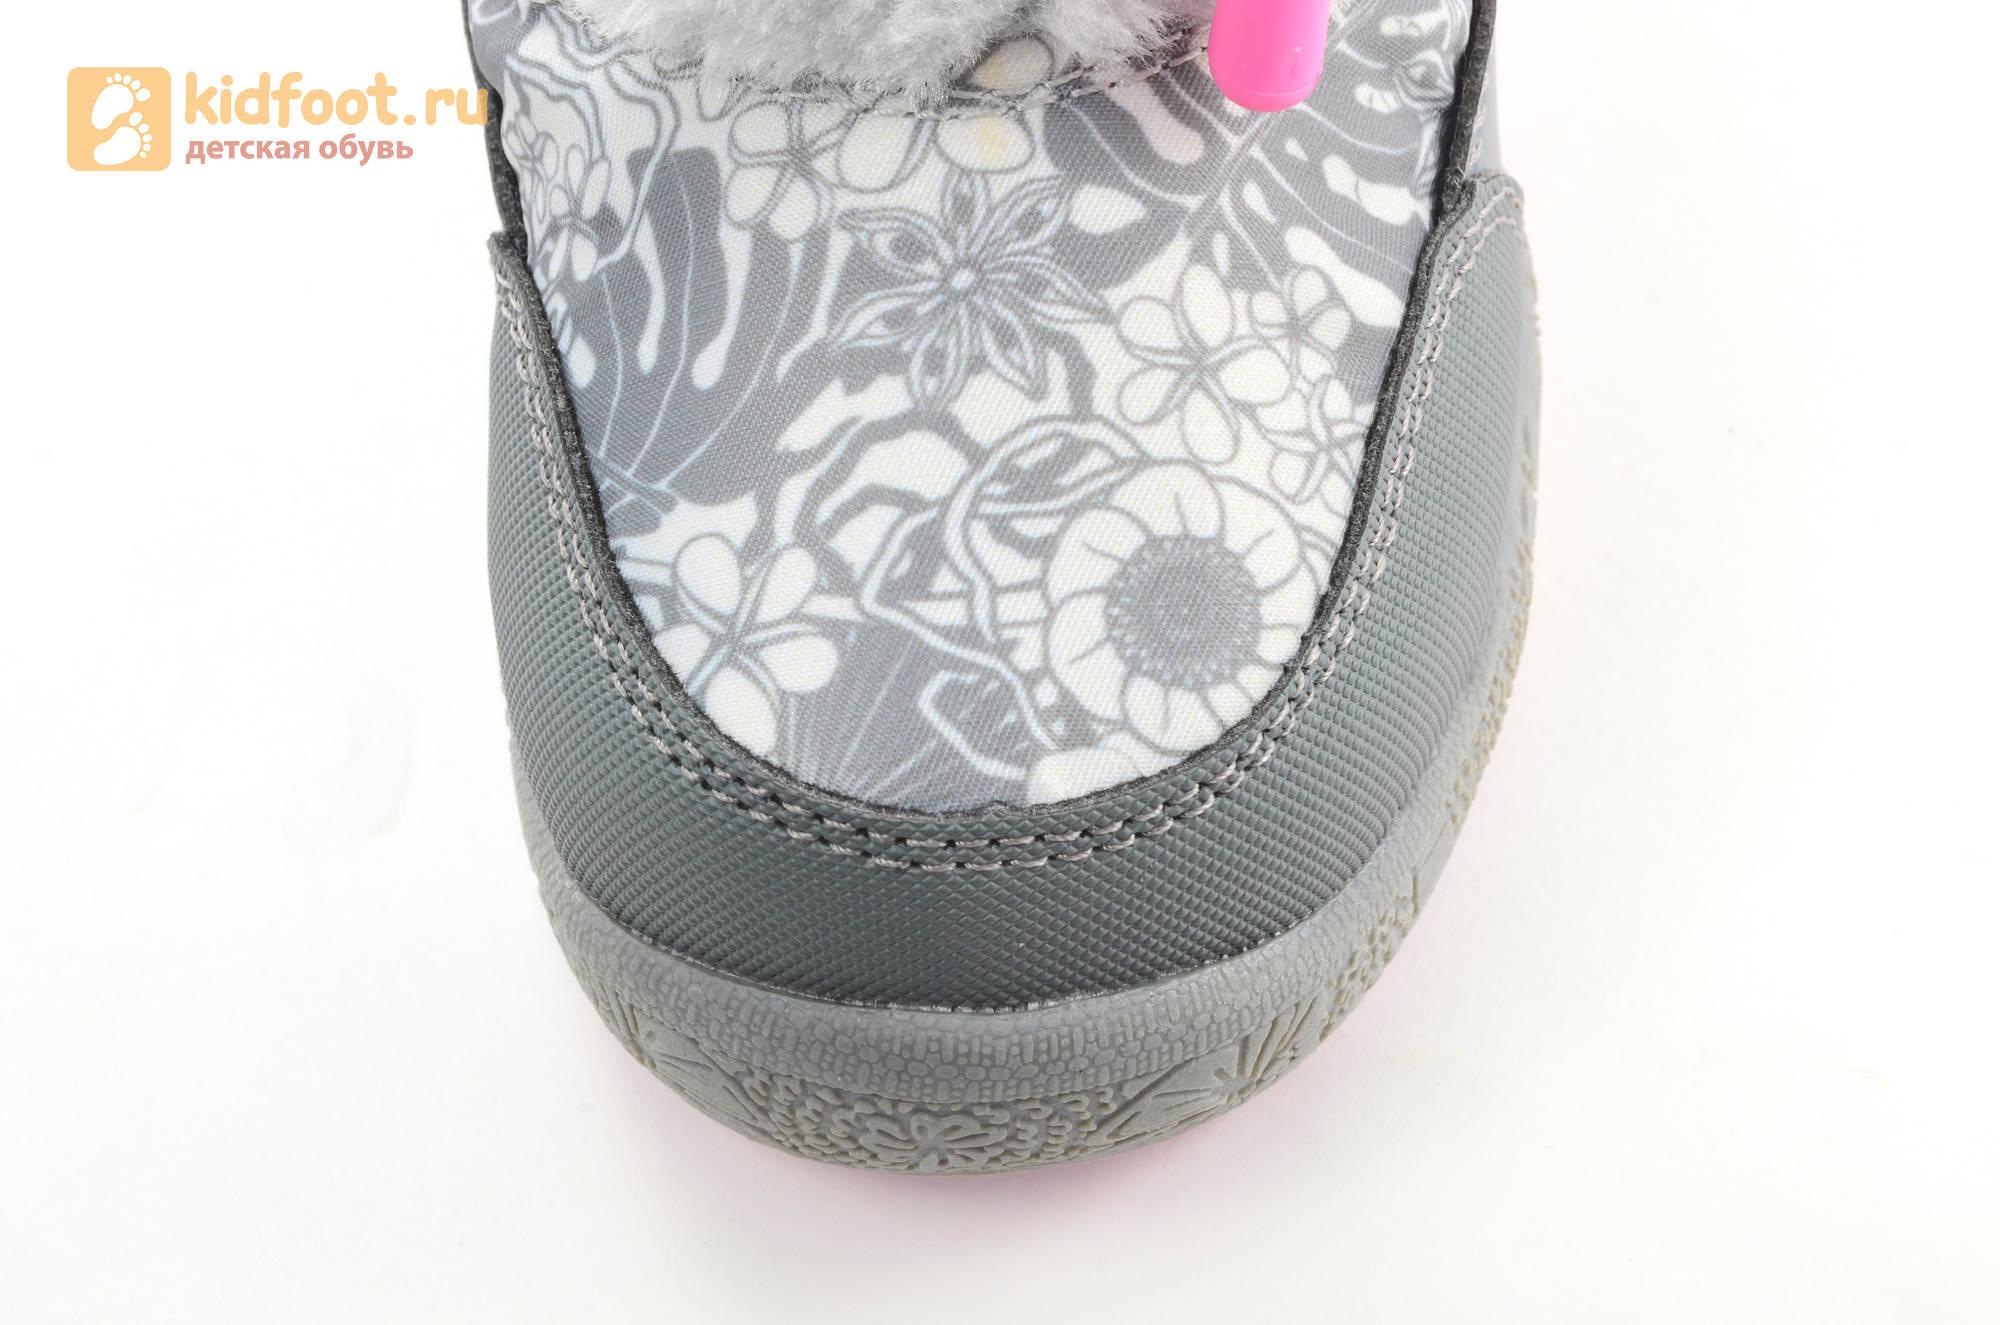 Зимние сапоги для девочек с мембраной KINGTEX Какаду (Kakadu) на молнии и шнурках, цвет серый